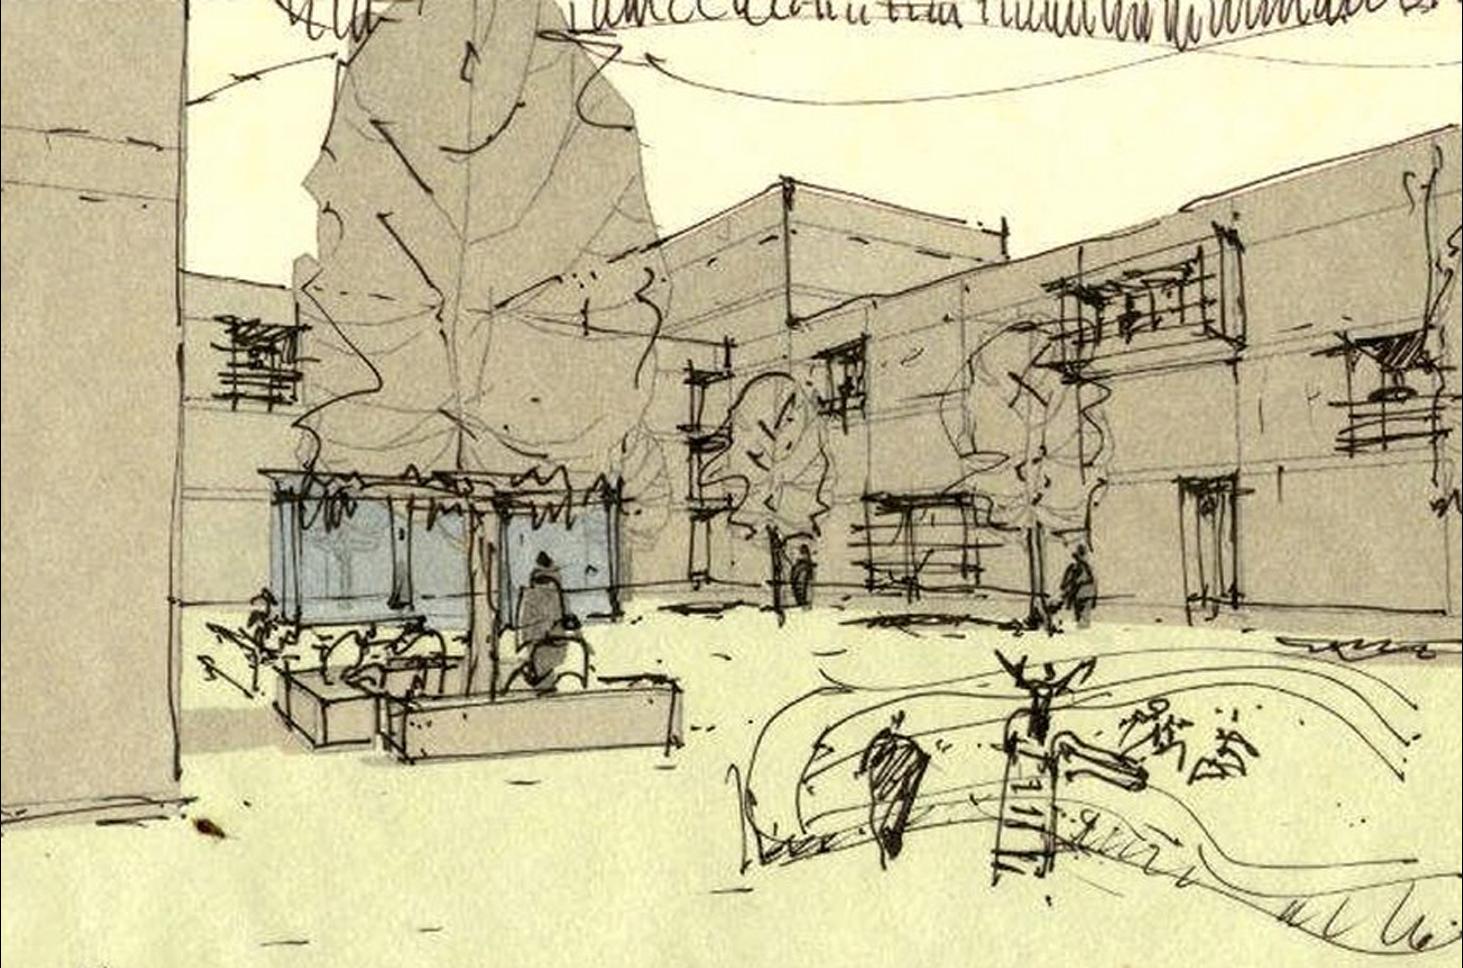 Tibilisi_courtyard sketch_ground level